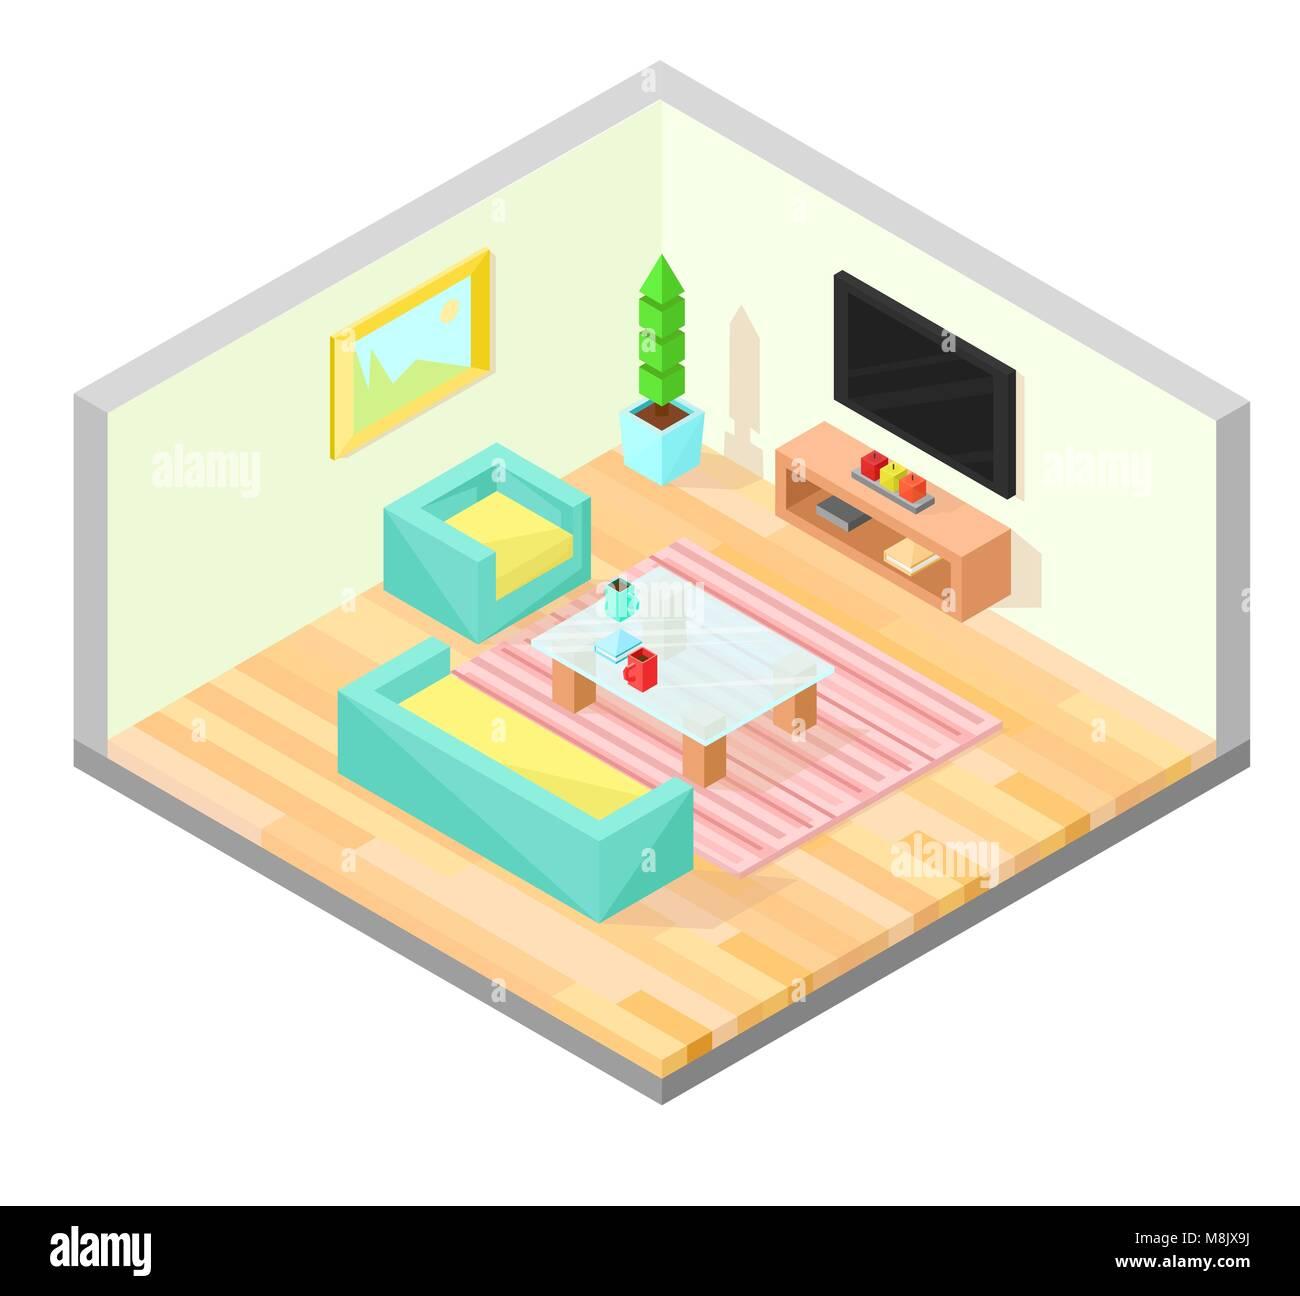 Wohnzimmer Isometrische Design Mit Tisch, TV, Sessel, Sofa, Werk, Malerei,